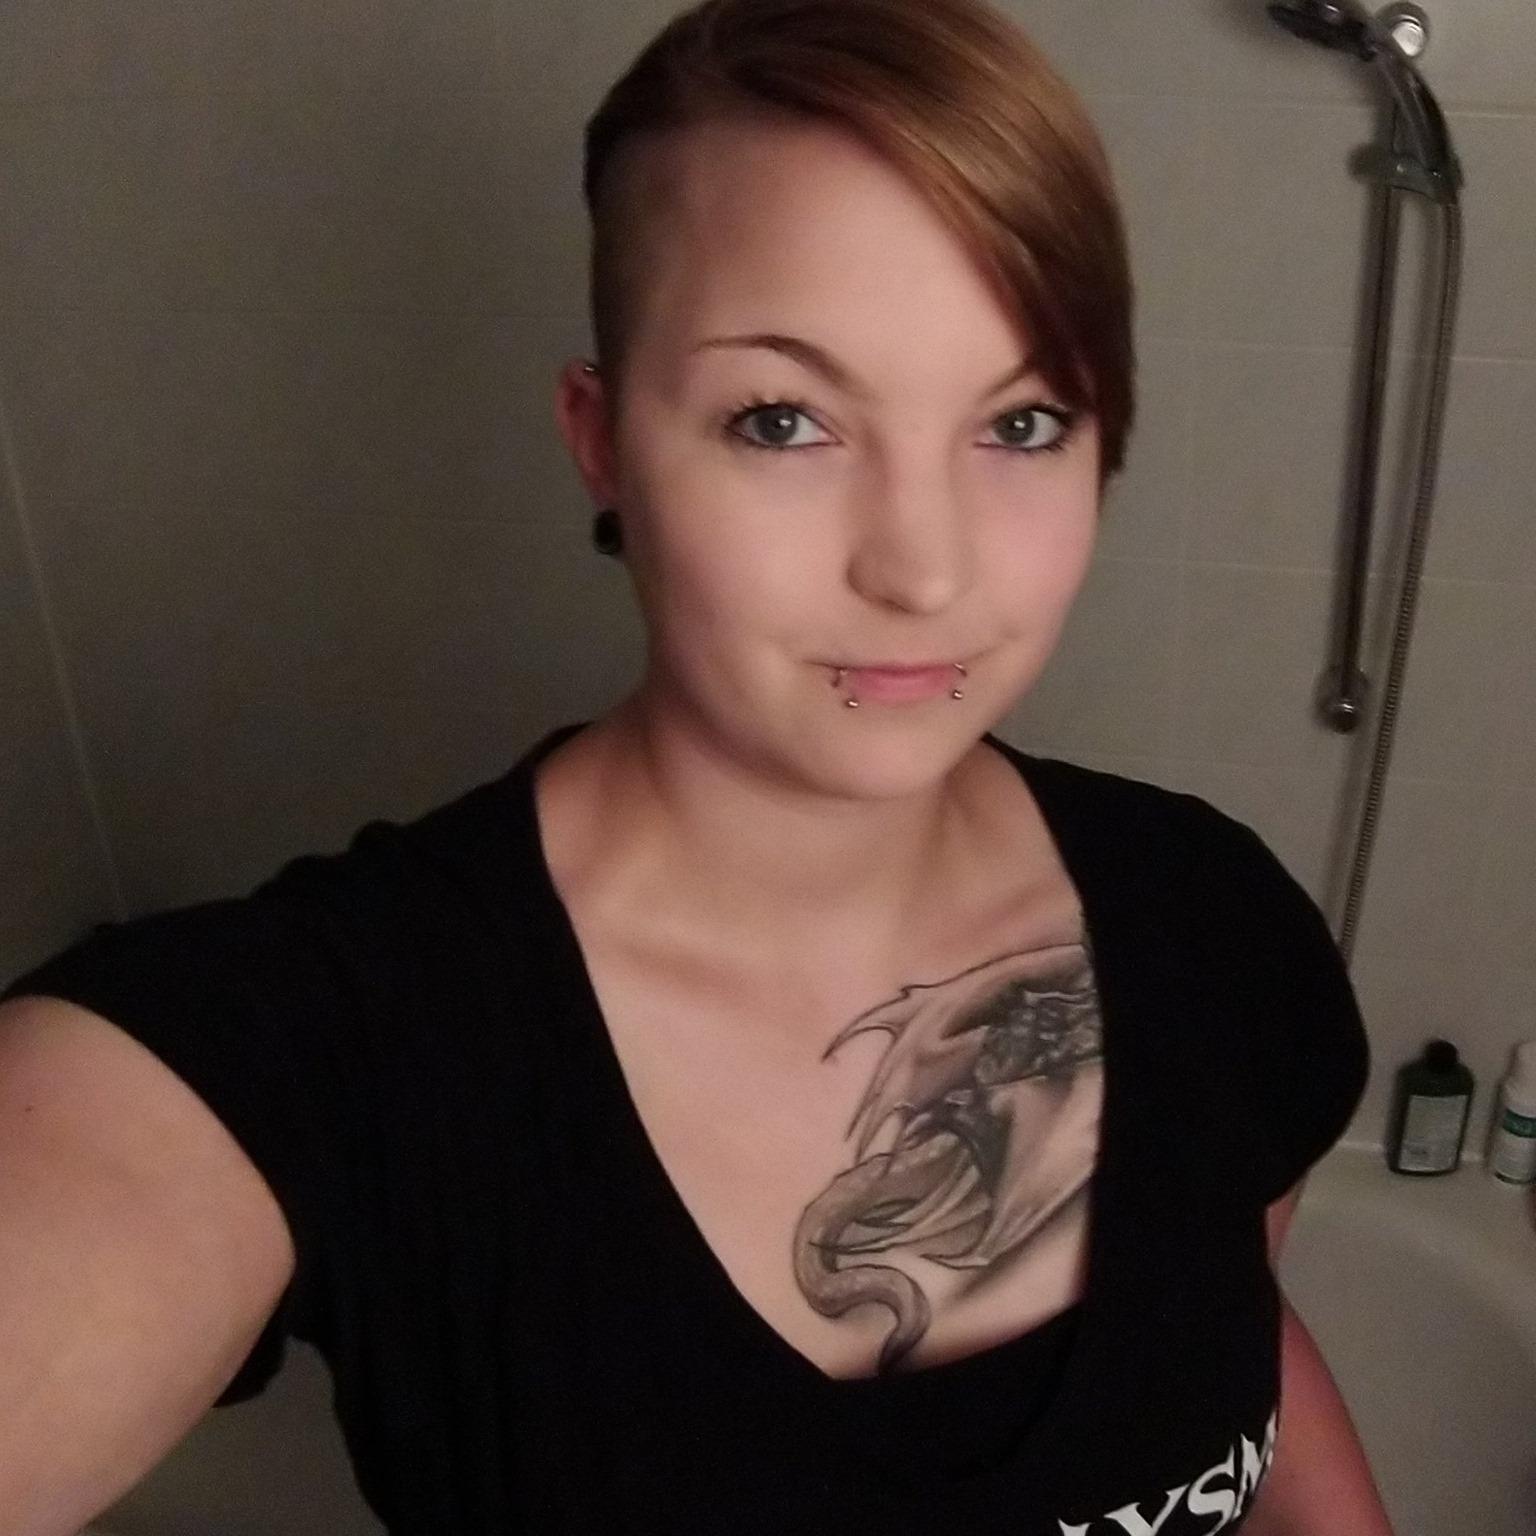 """<a href=""""https://www.facebook.com/anna.bakker.18/posts/3197688100244445"""" target=""""_blank"""">Anna Bakker</a>"""